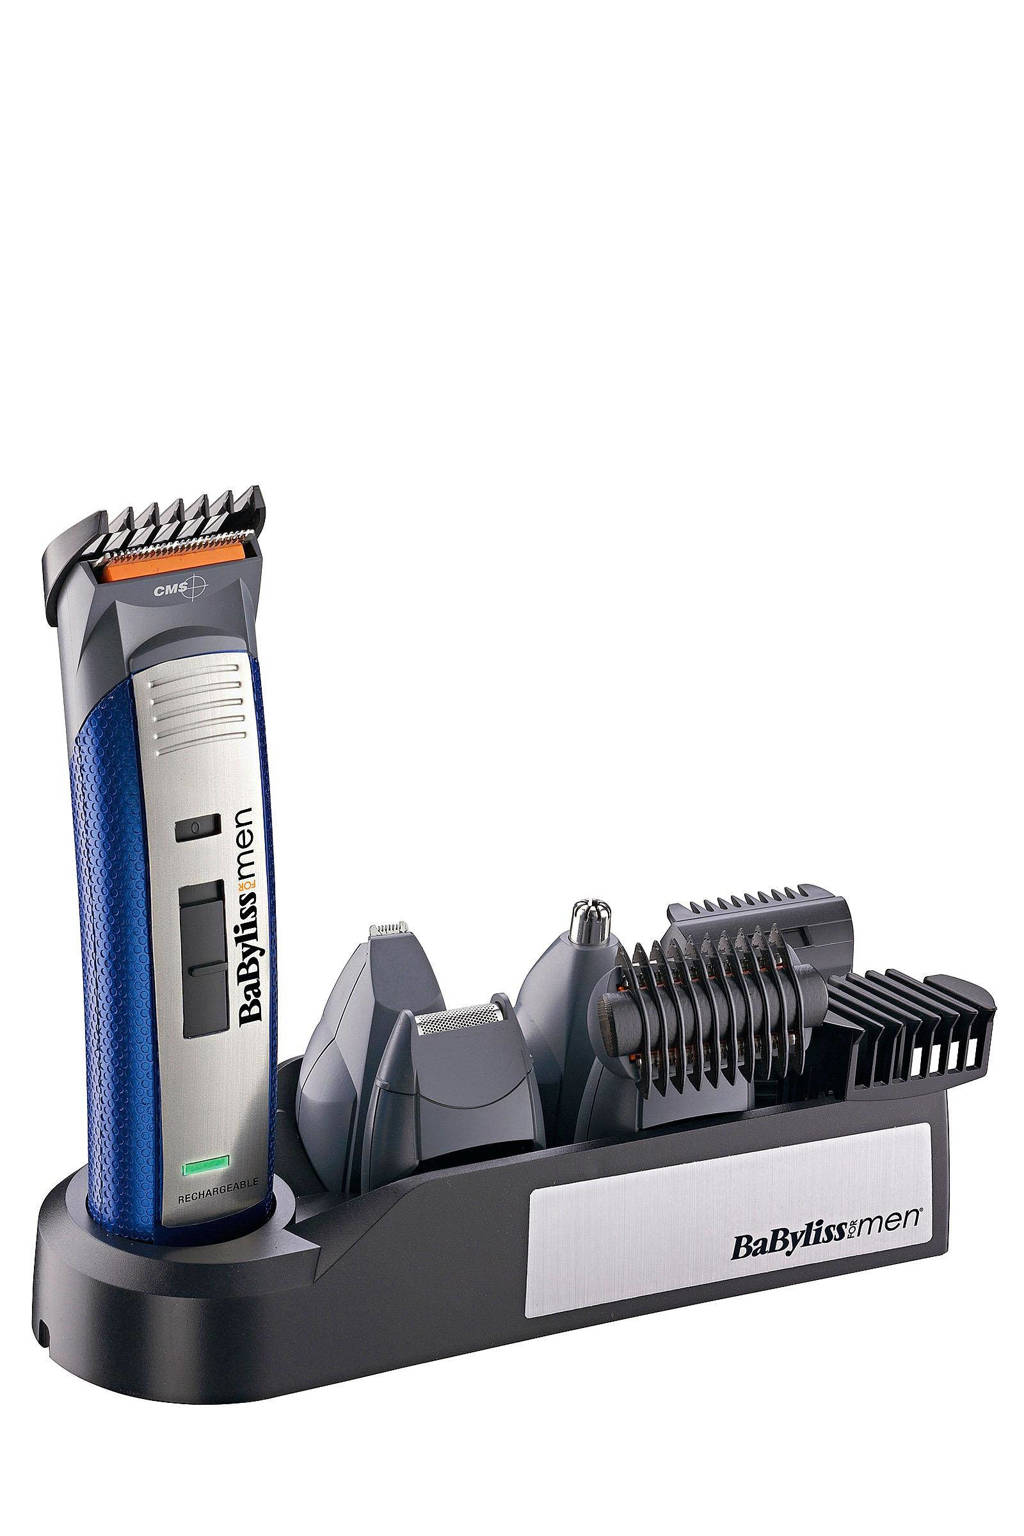 BaByliss E836XE groomingset, -